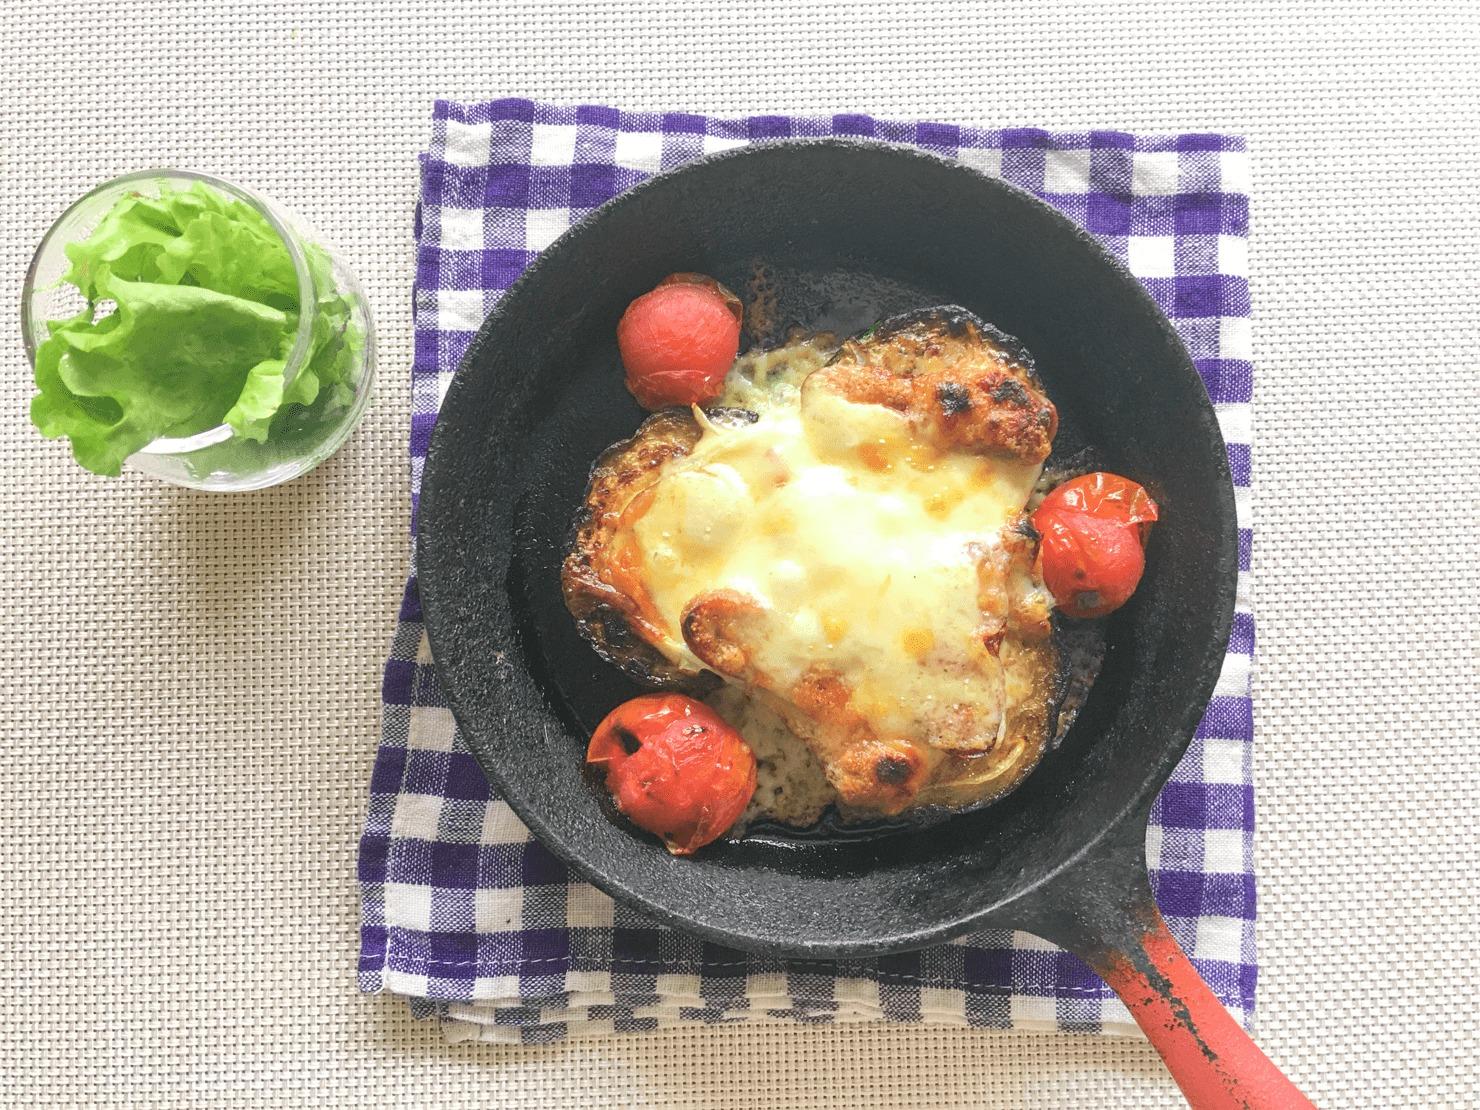 スキレットで作ったズッキーニのピザ風焼の写真